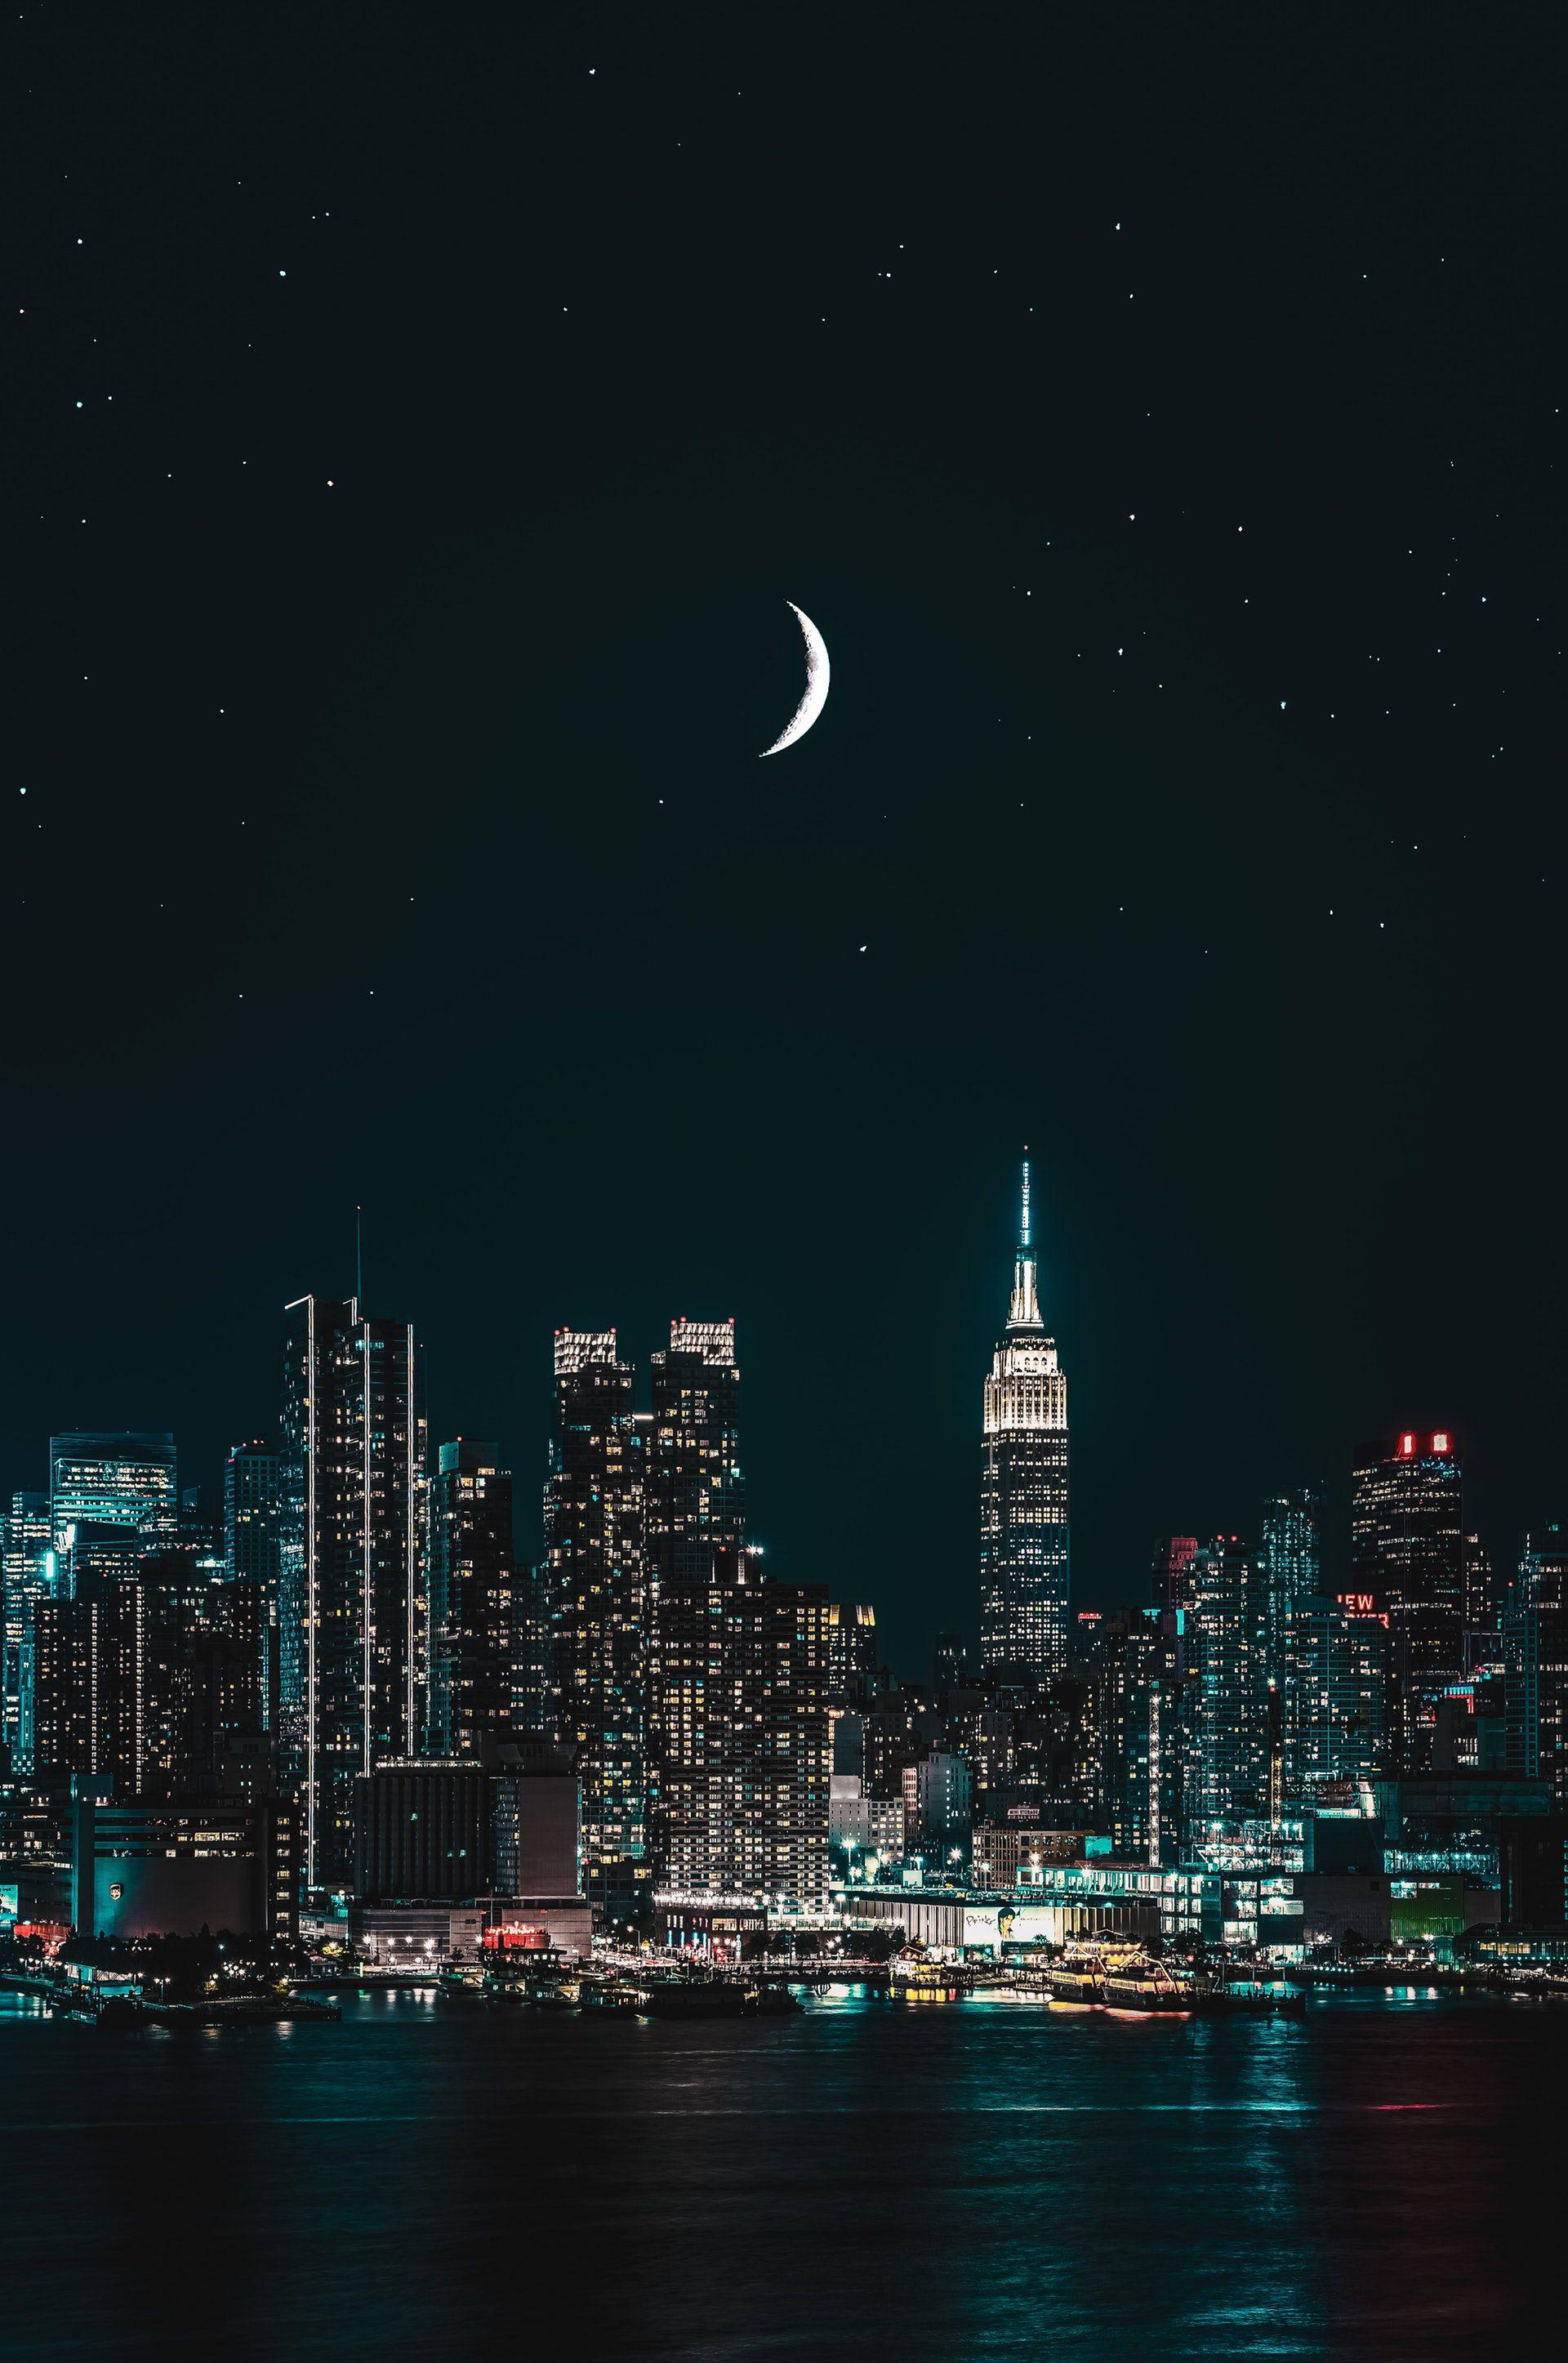 عکس زمینه ساختمان های بلند نیویورک د شب پس زمینه